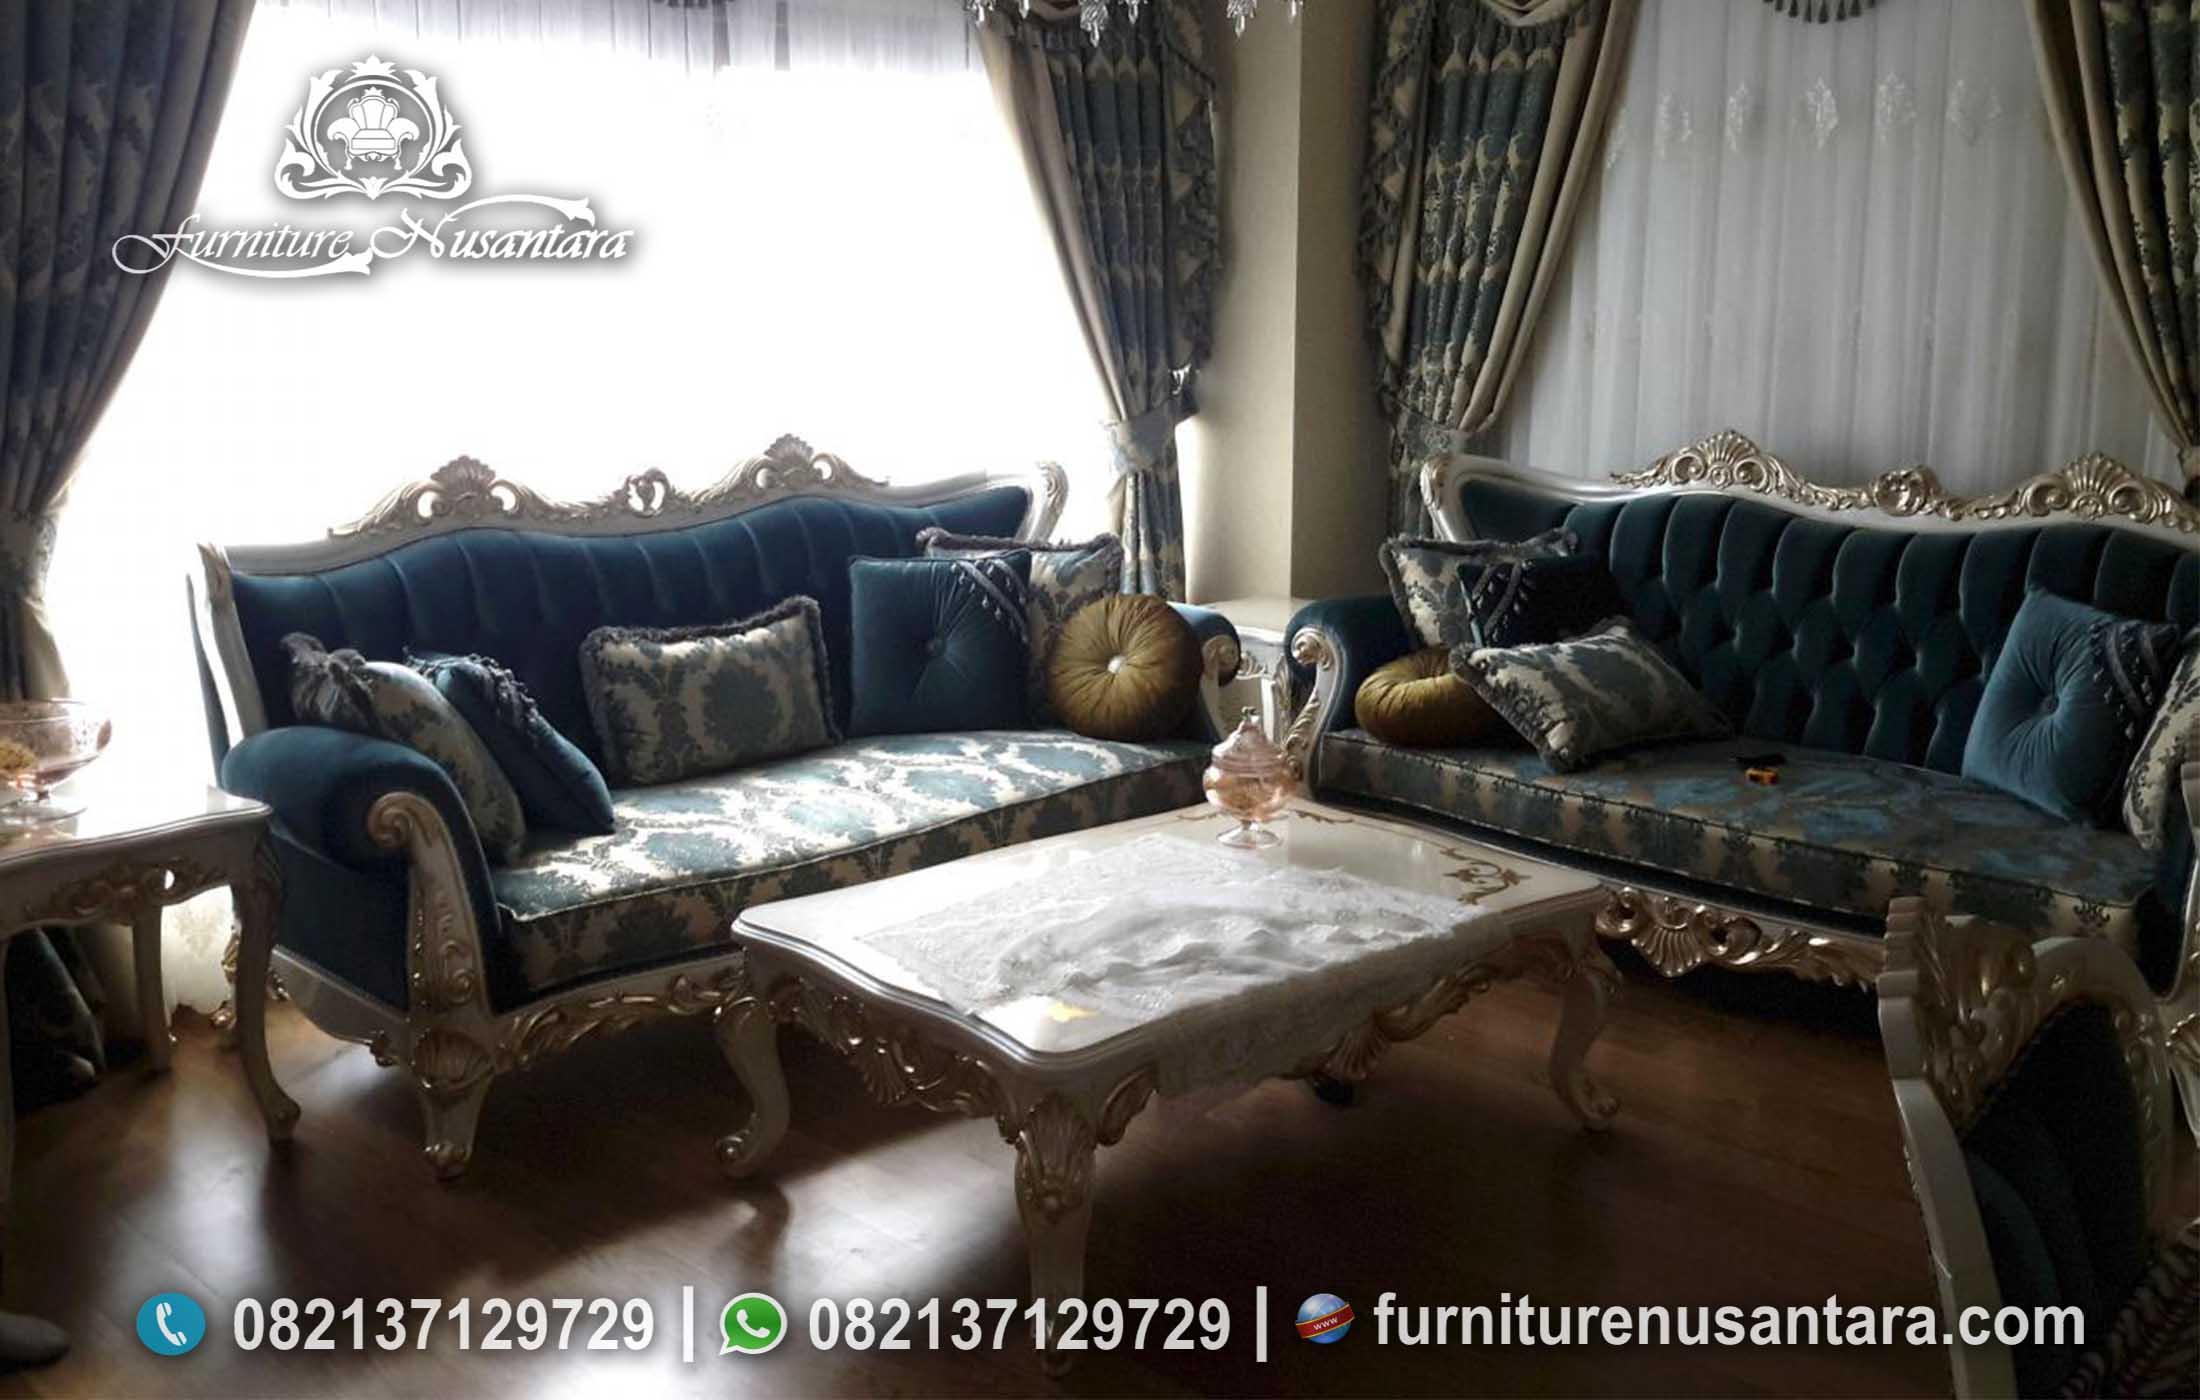 Desain Dan Model Sofa Ruang Tamu ST-16, Furniture Nusantara